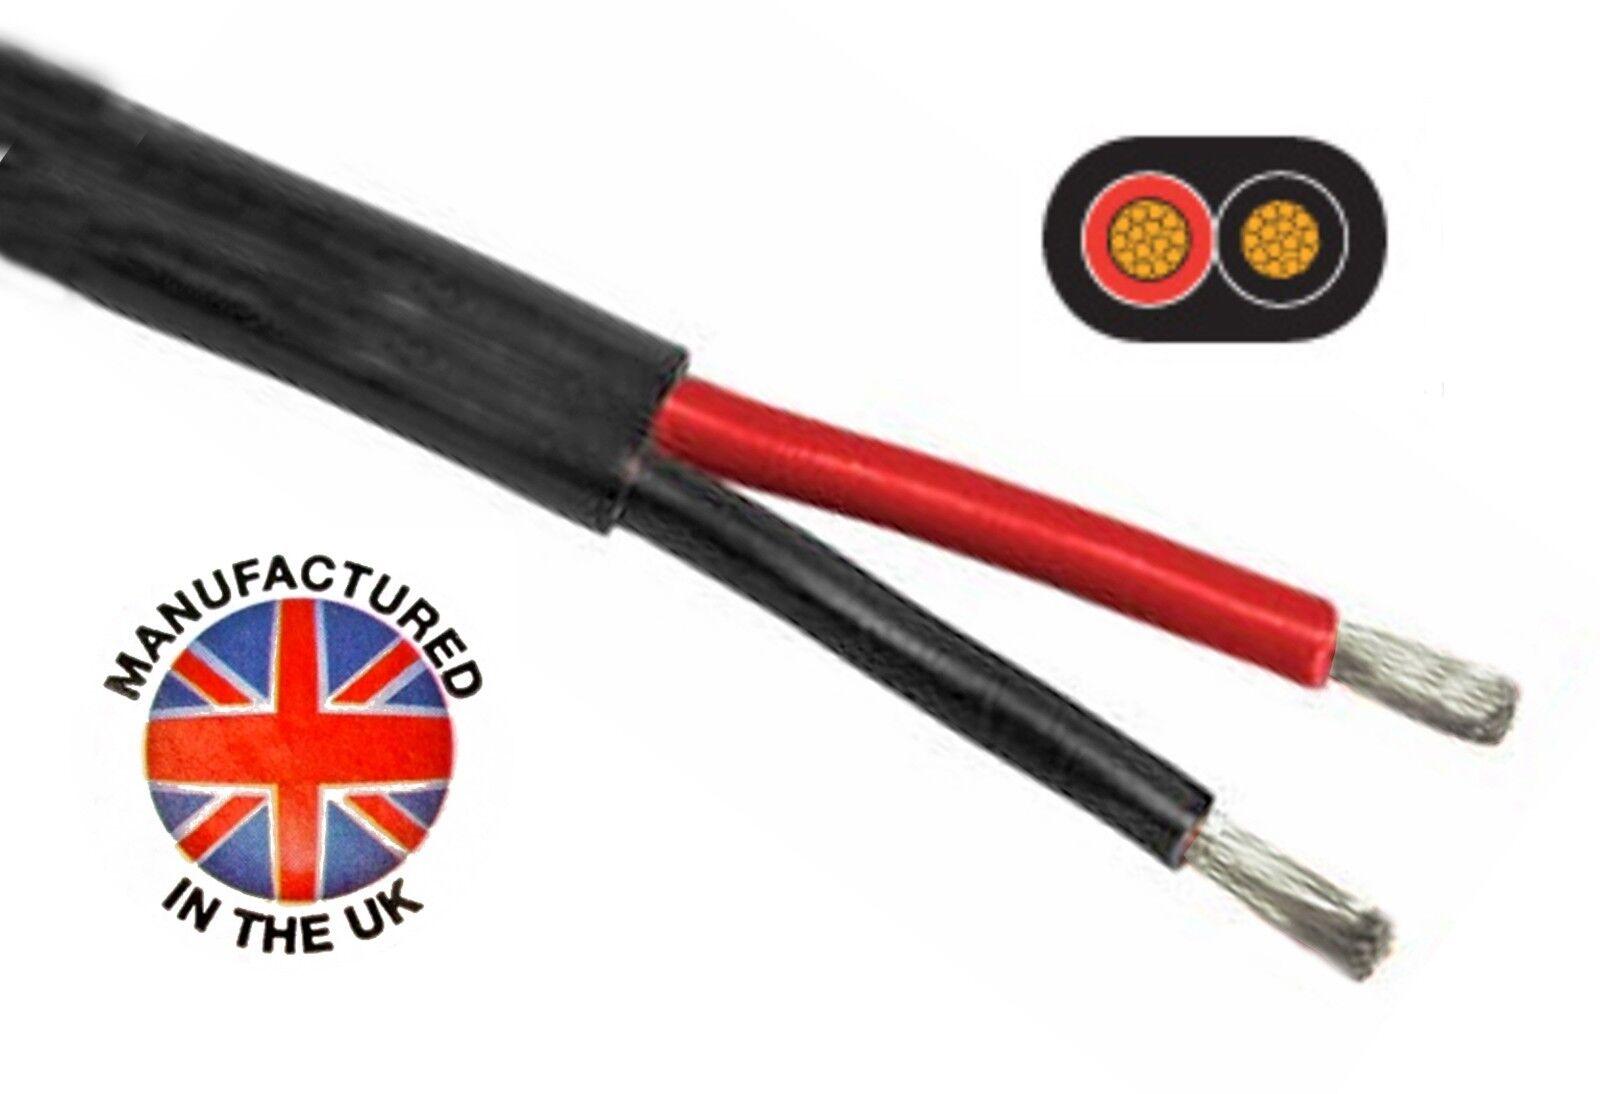 Paroi Mince Étamé Double Câble 'Oceanflex' 2 X 2.5mm 2.5mm 2.5mm ² (13/14awg) Tcc225tin d93c92